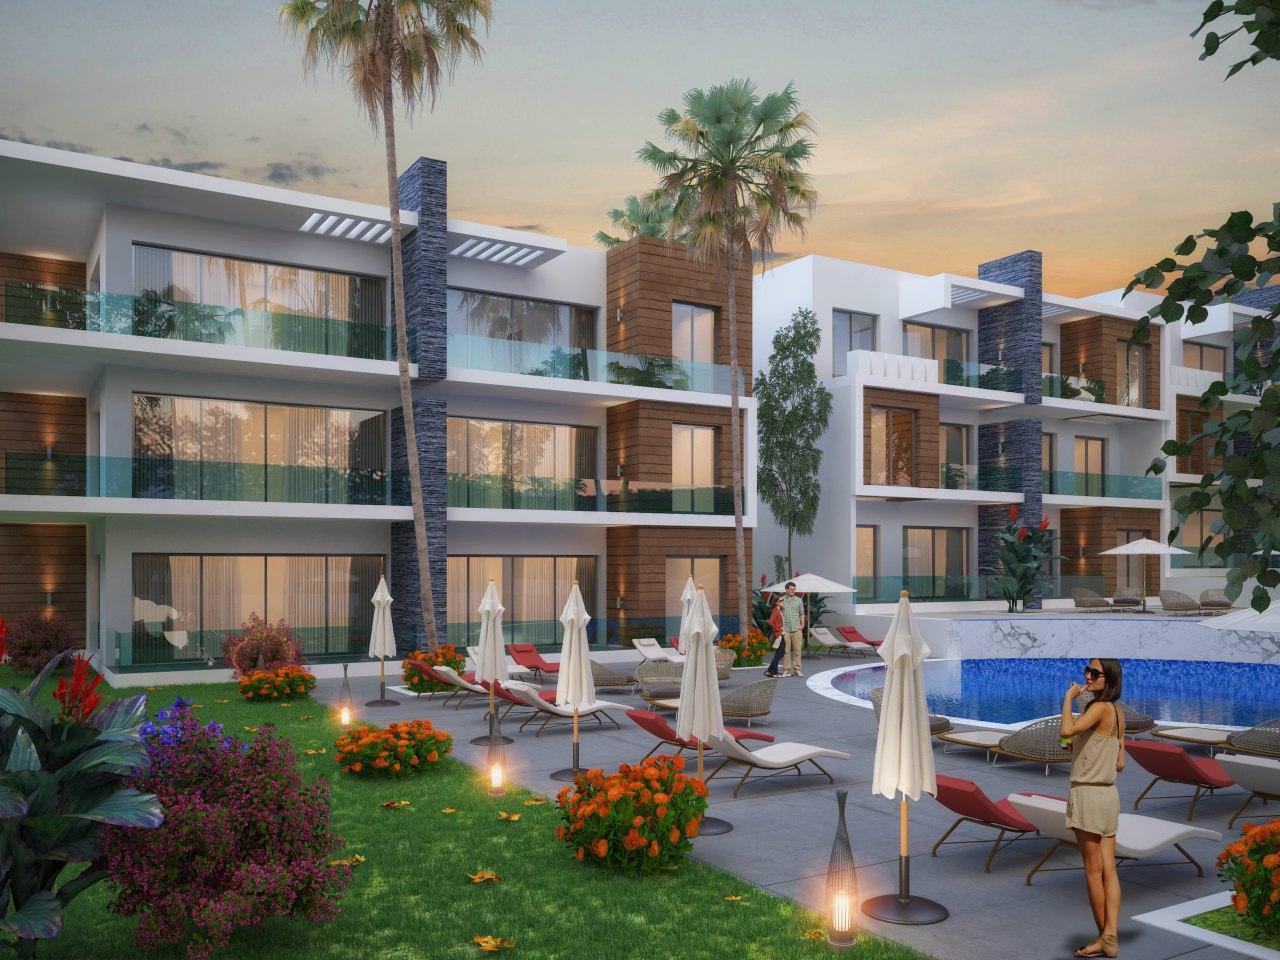 iCom-Agence-de-Communication-au-Maroc-Casablanca-creation-site-web-images-3d-architecture2020-05-27 at 5.17.23 PM 7